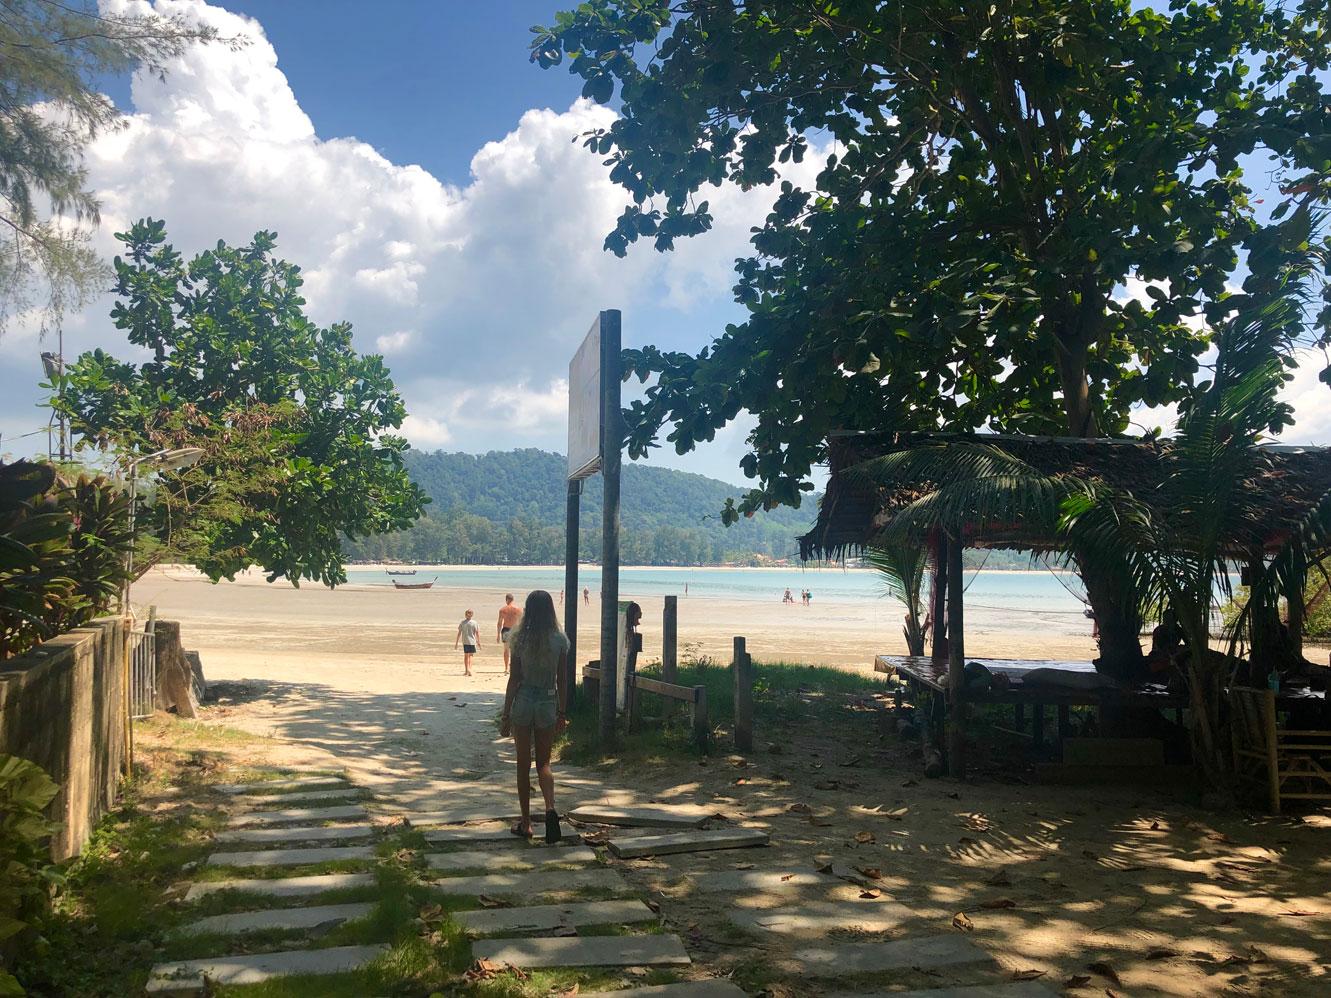 Koh Lanta, Thailand. Øen, der har det hele. Smukke sandstrande, mange restauranter og butikker og underholdende byliv.